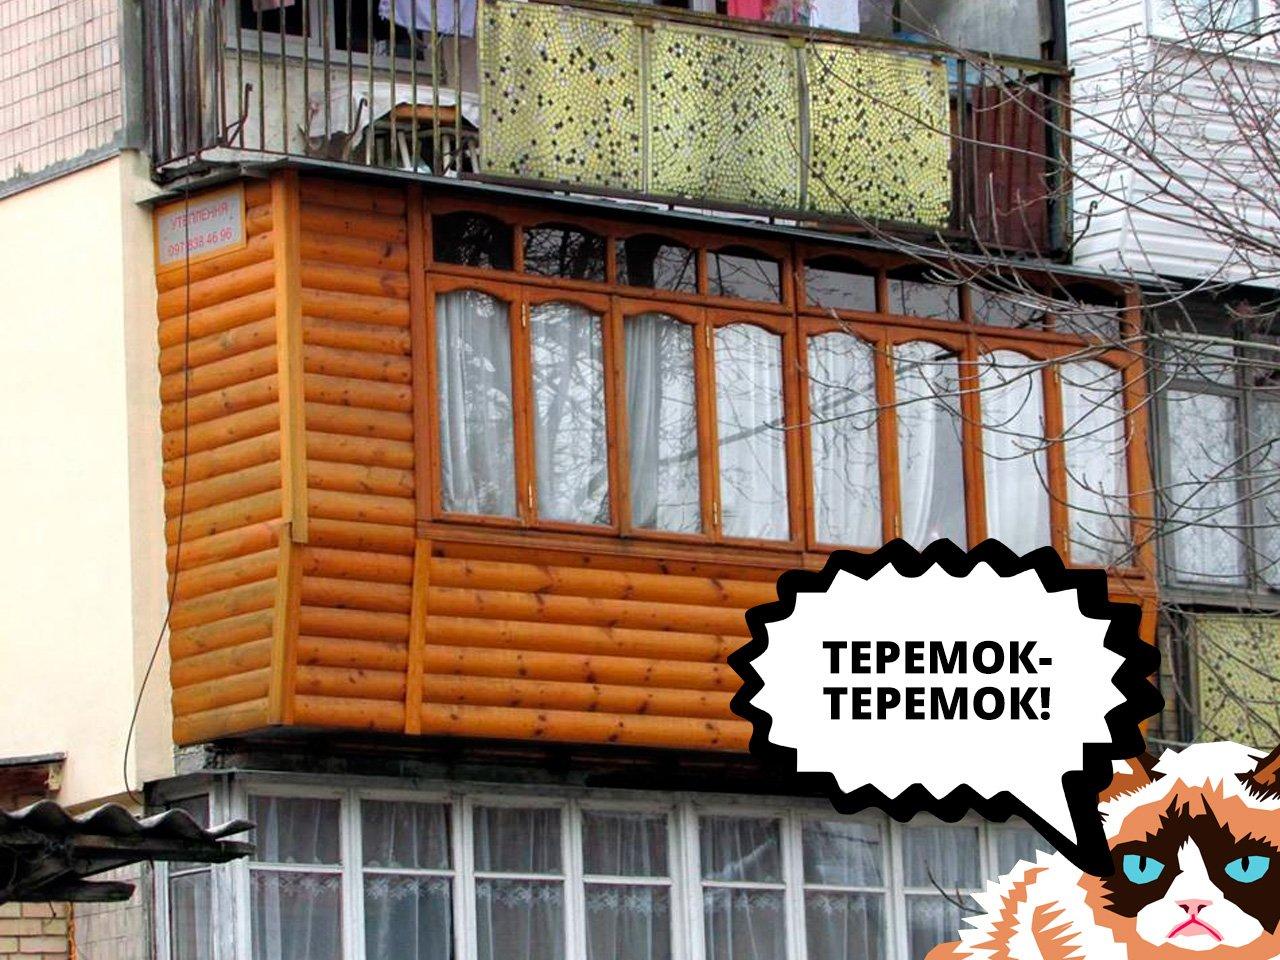 Царь-балконы наступают: как киевляне реагируют на эпидемию, фото-8